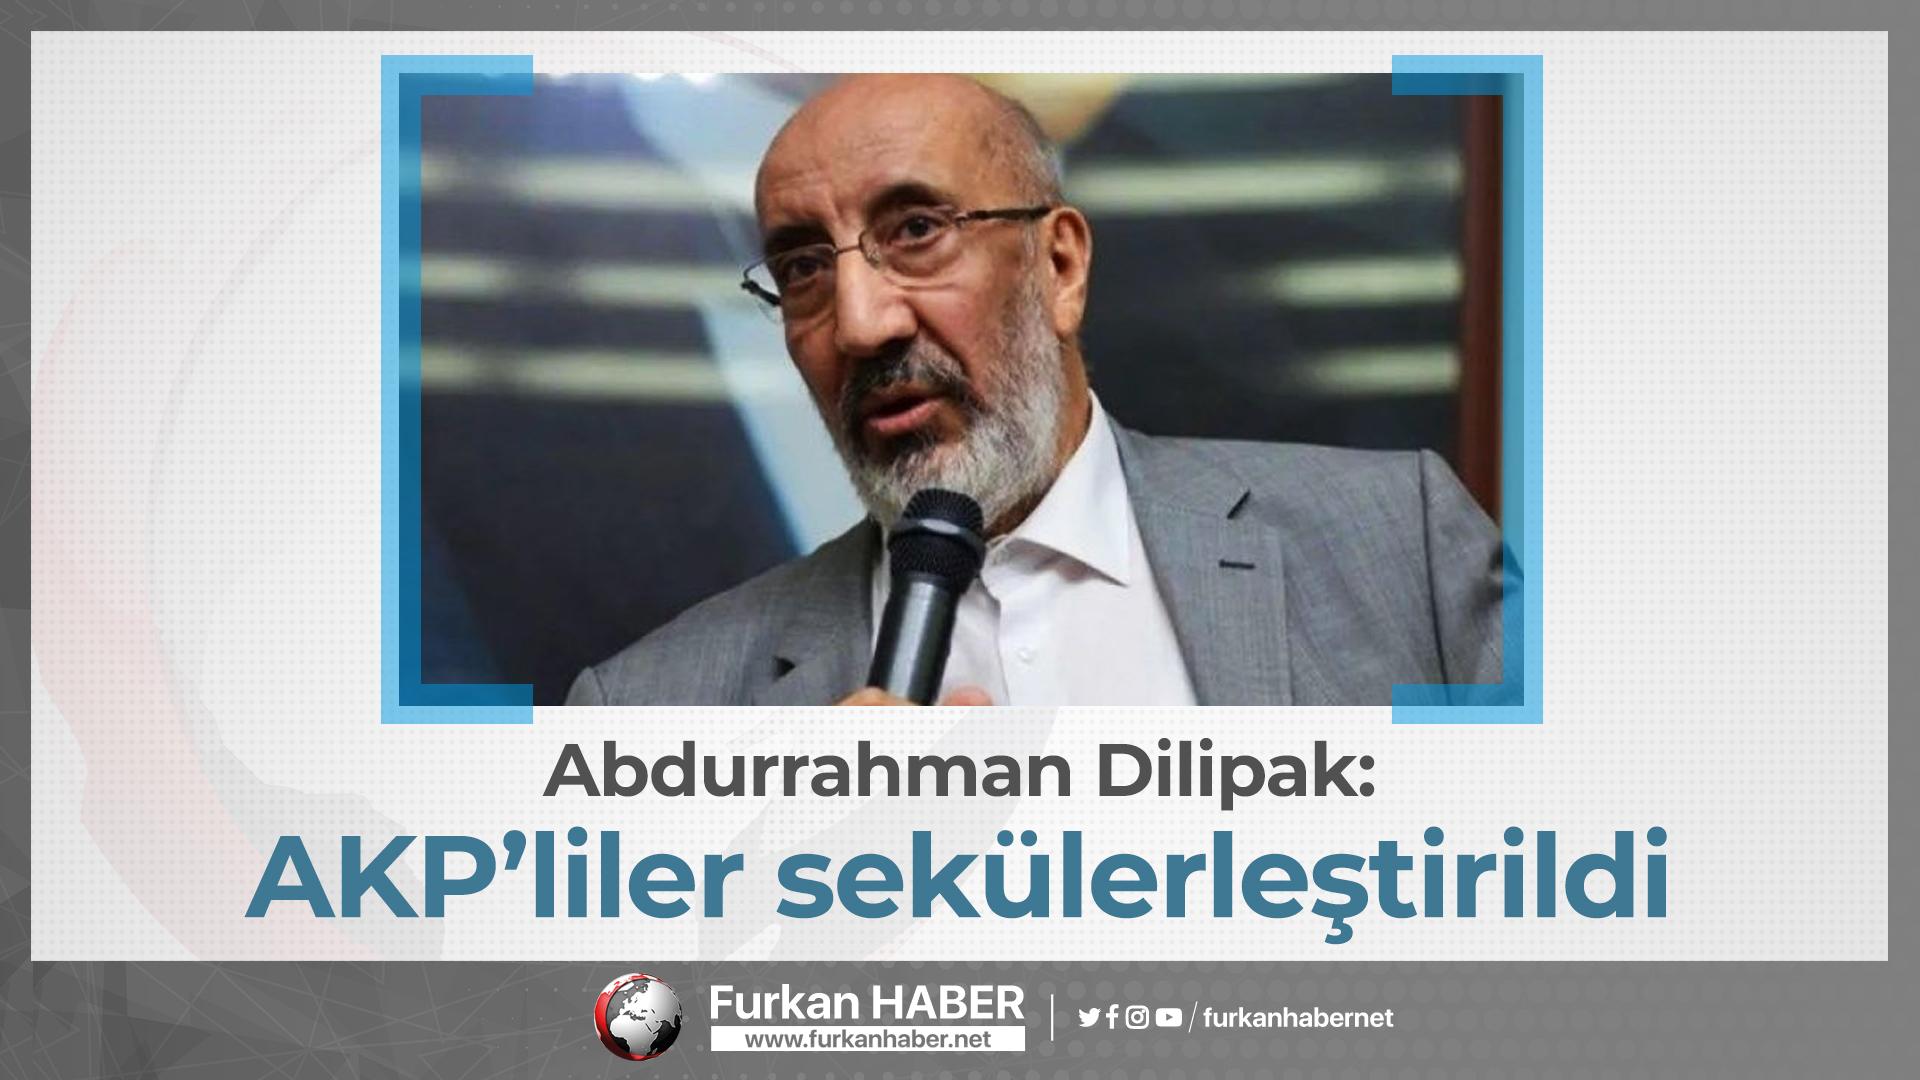 Dilipak: AKP'liler sekülerleştirildi